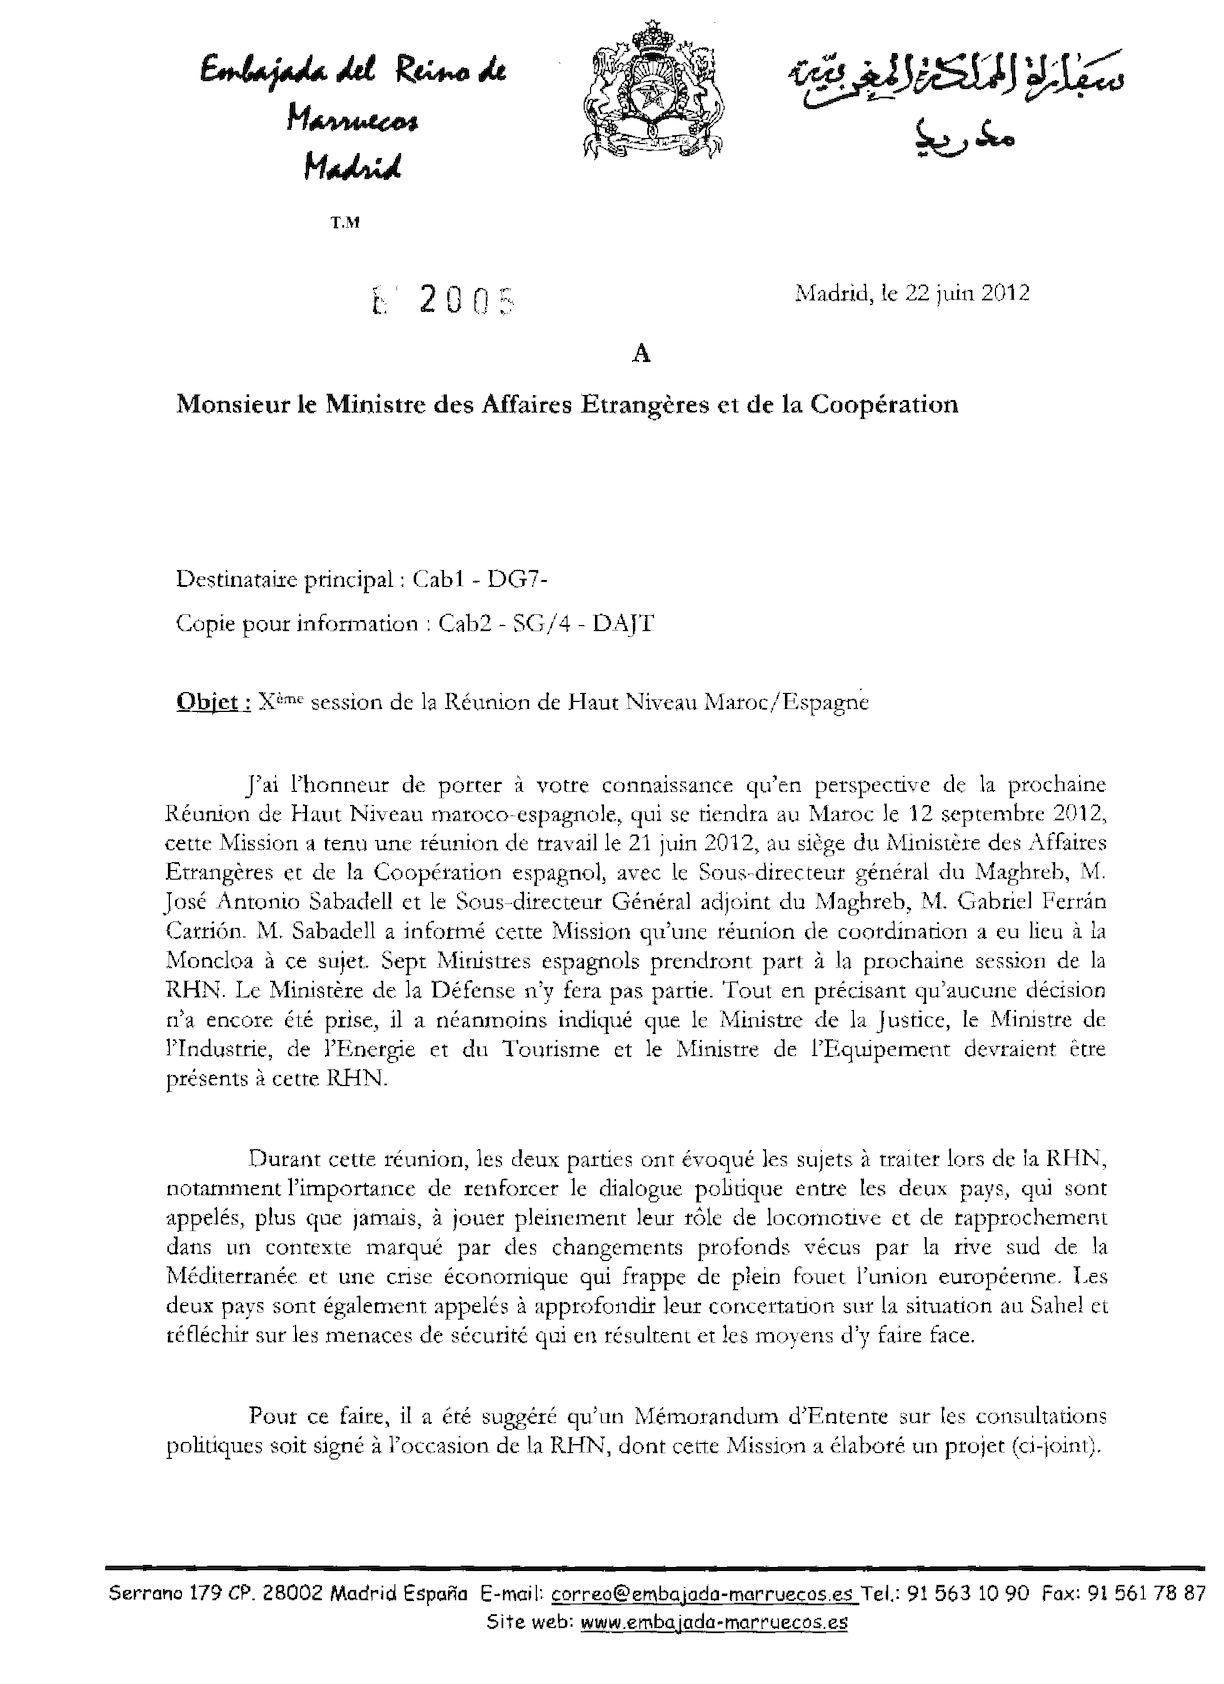 X°session Réunion Haut Niveau Maroc Espagne